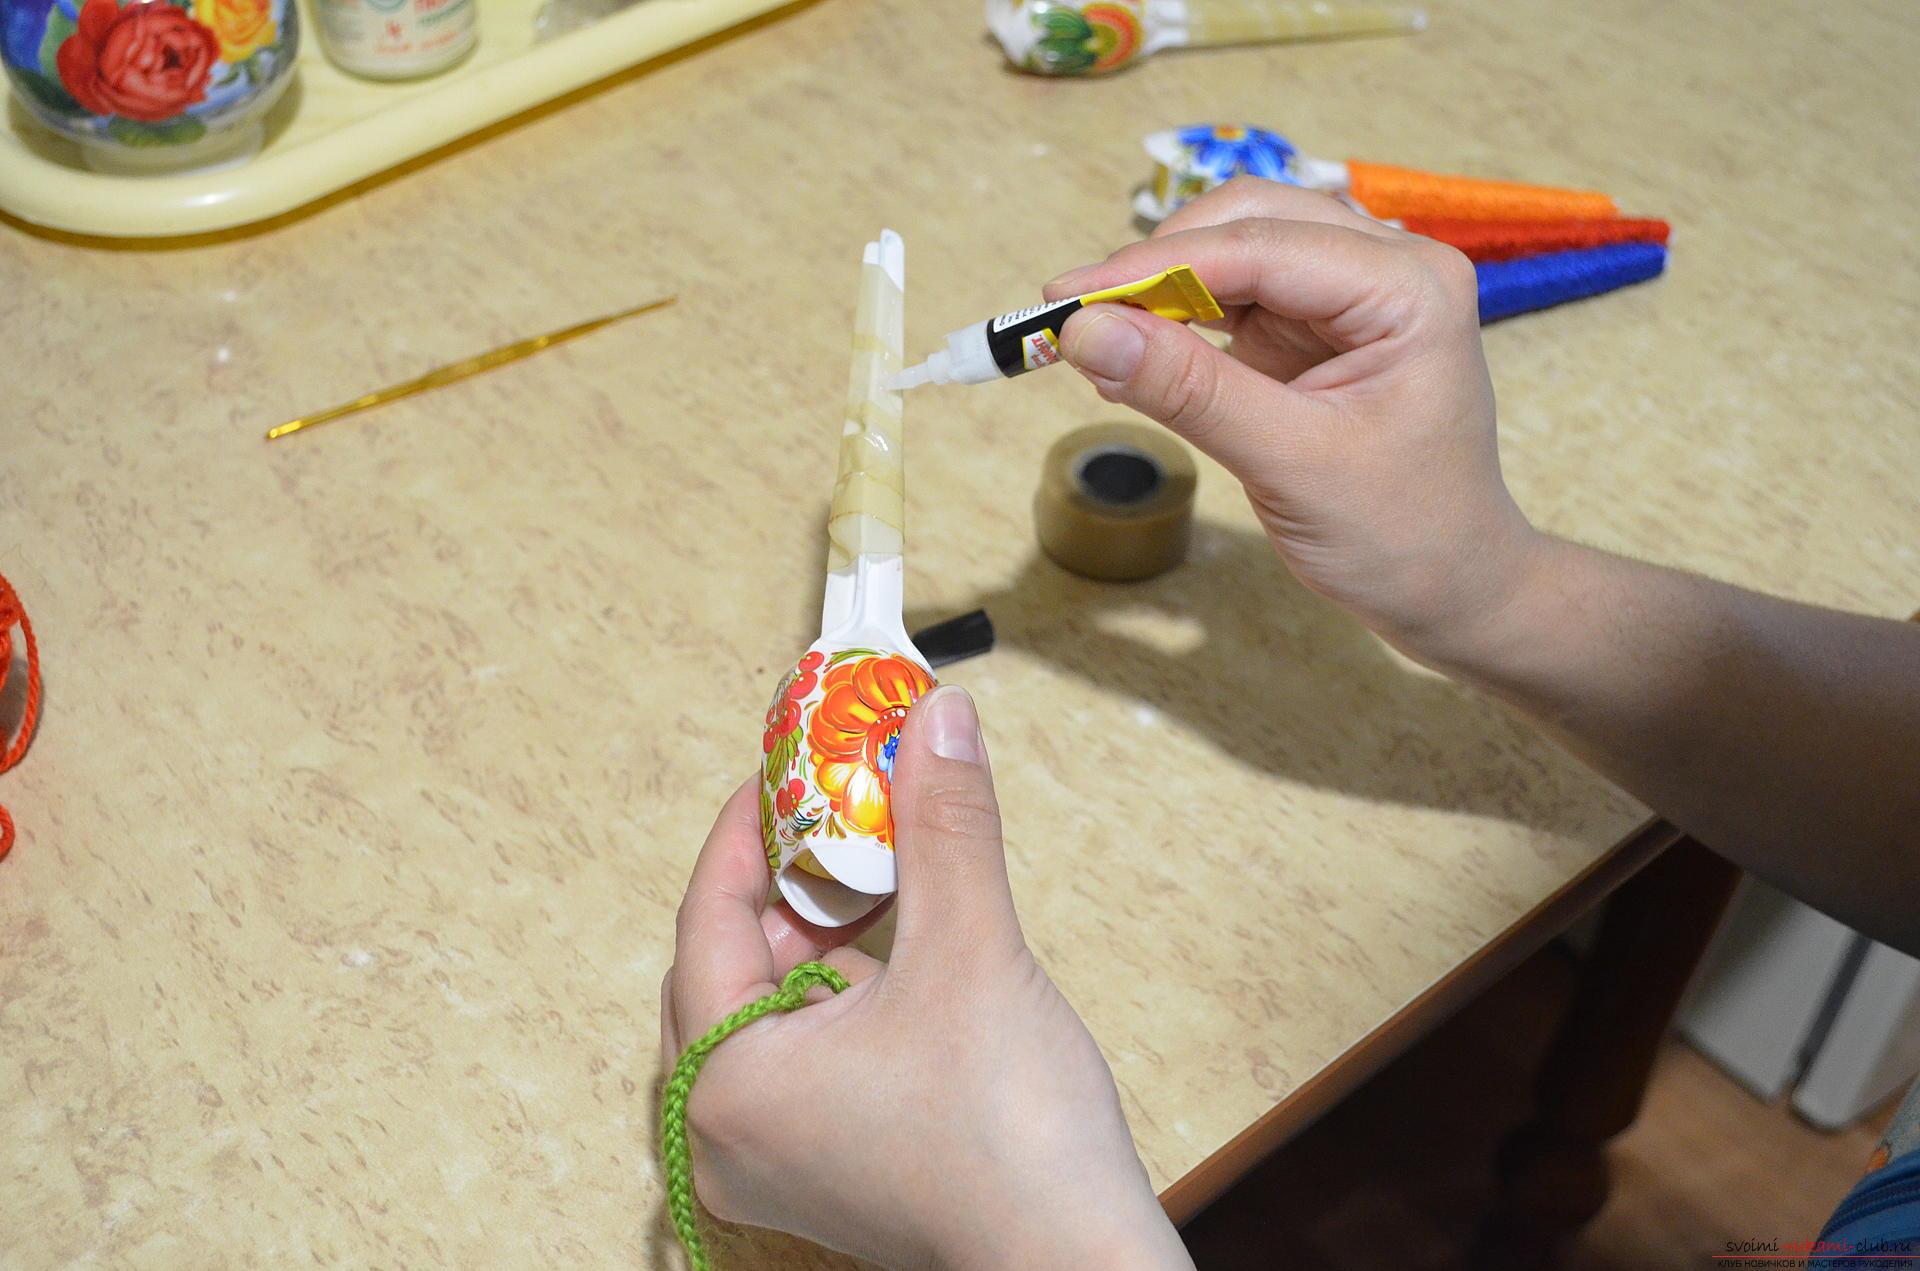 Чудо-маракасы из подручных материалов на Конкурс Весна 2016, поделки своими руками